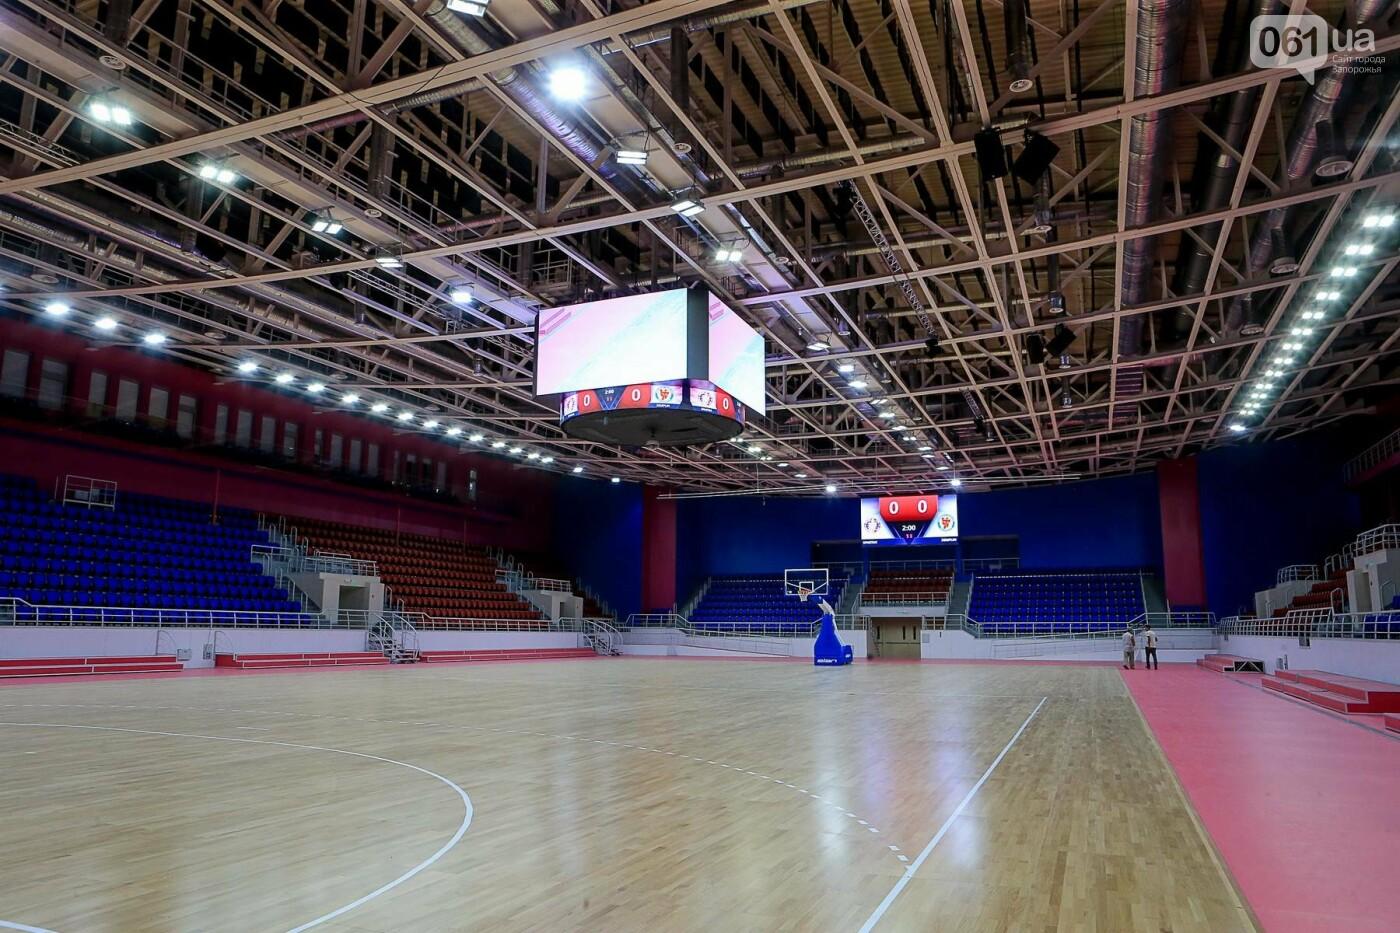 Представители Европейской гандбольной федерации проинспектировали запорожскую «Юность», - ФОТО, фото-17